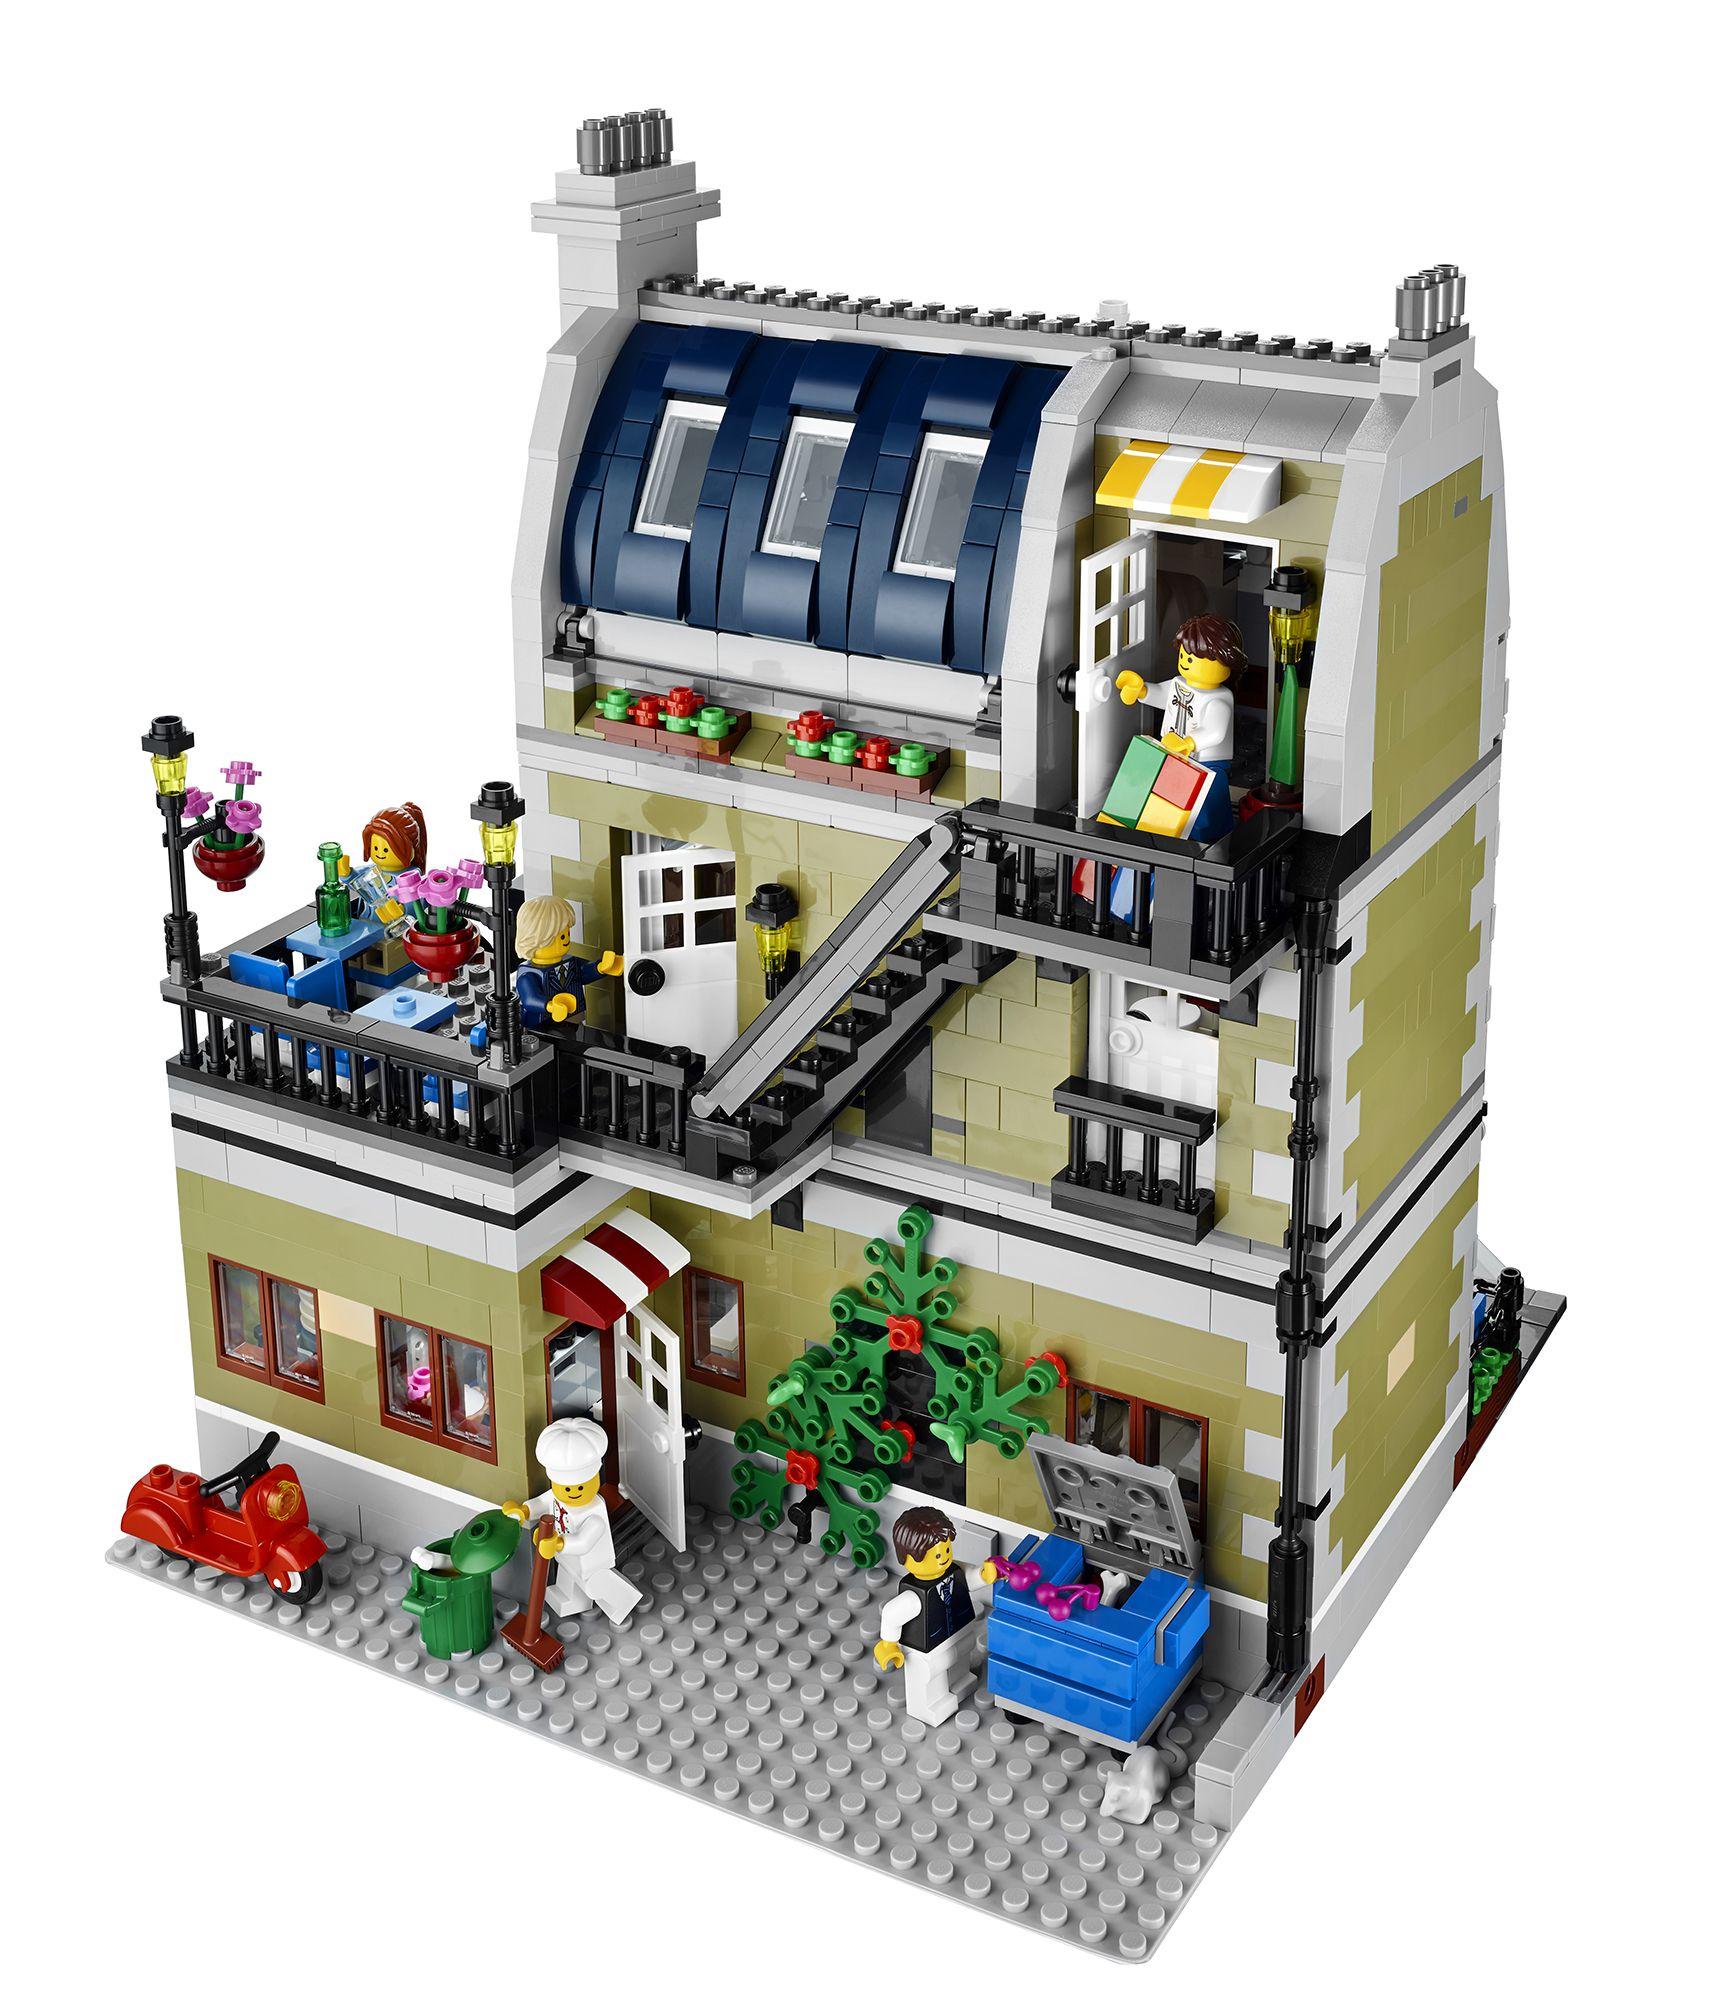 Houses Houses 2014 Lego Lego 2014 2014 2014 Lego Houses Houses Houses 2014 Lego Lego TJ1FKc3l